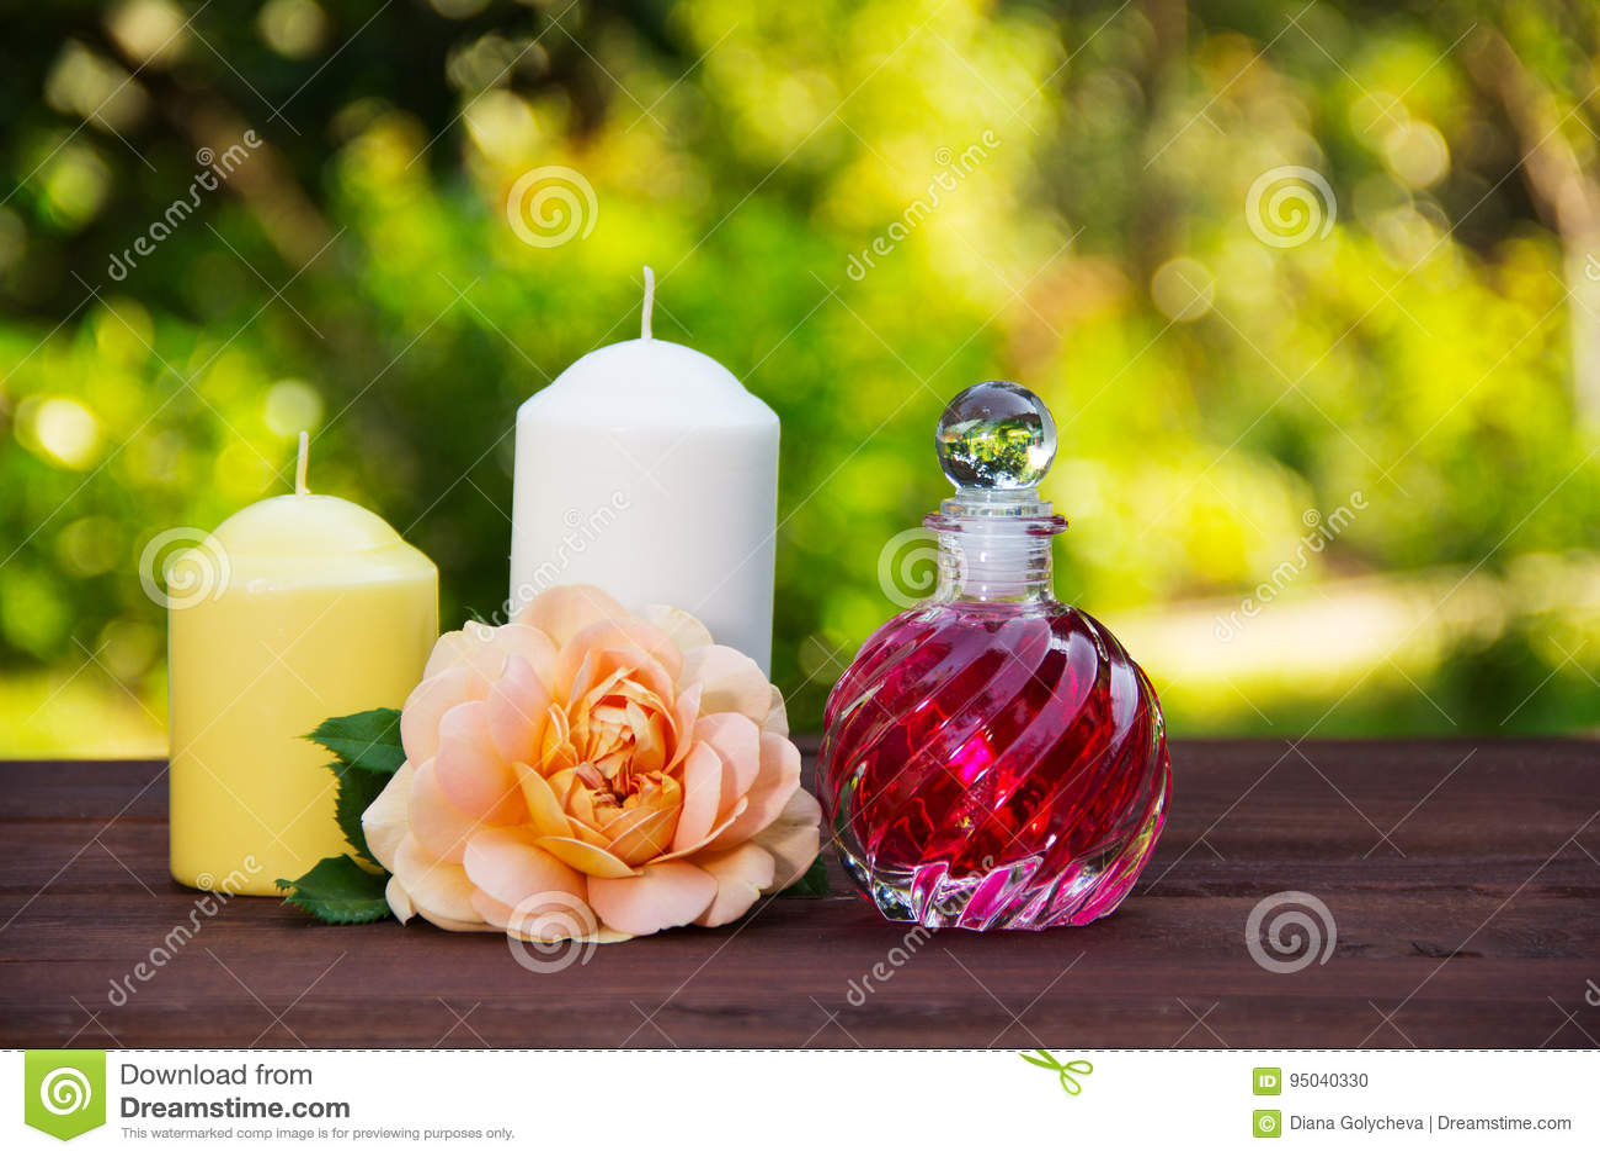 Kaarsen Op Olie.Geurig Nam Olie In Een Mooie Glasfles Toe Roze Elixir